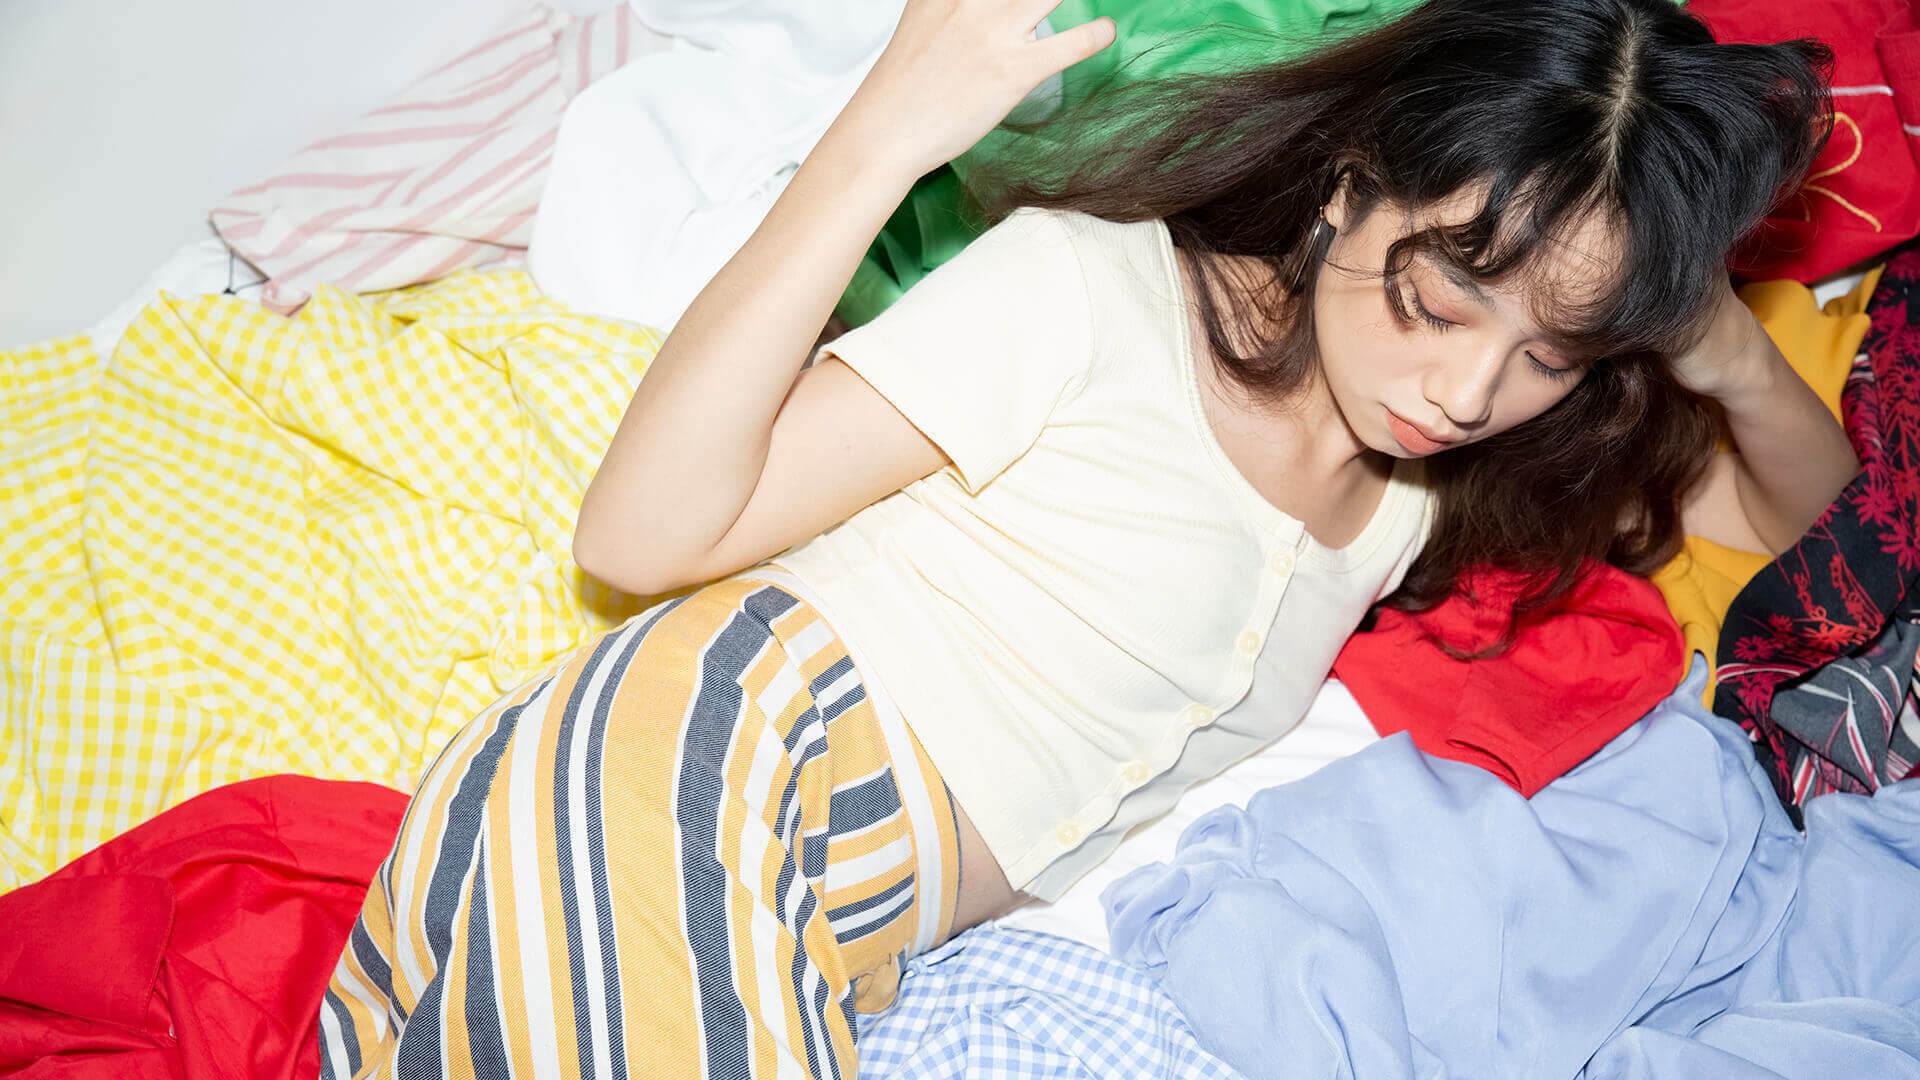 PR・SNS担当/インフルエンサーが手掛けるファッションブランドのカバー写真